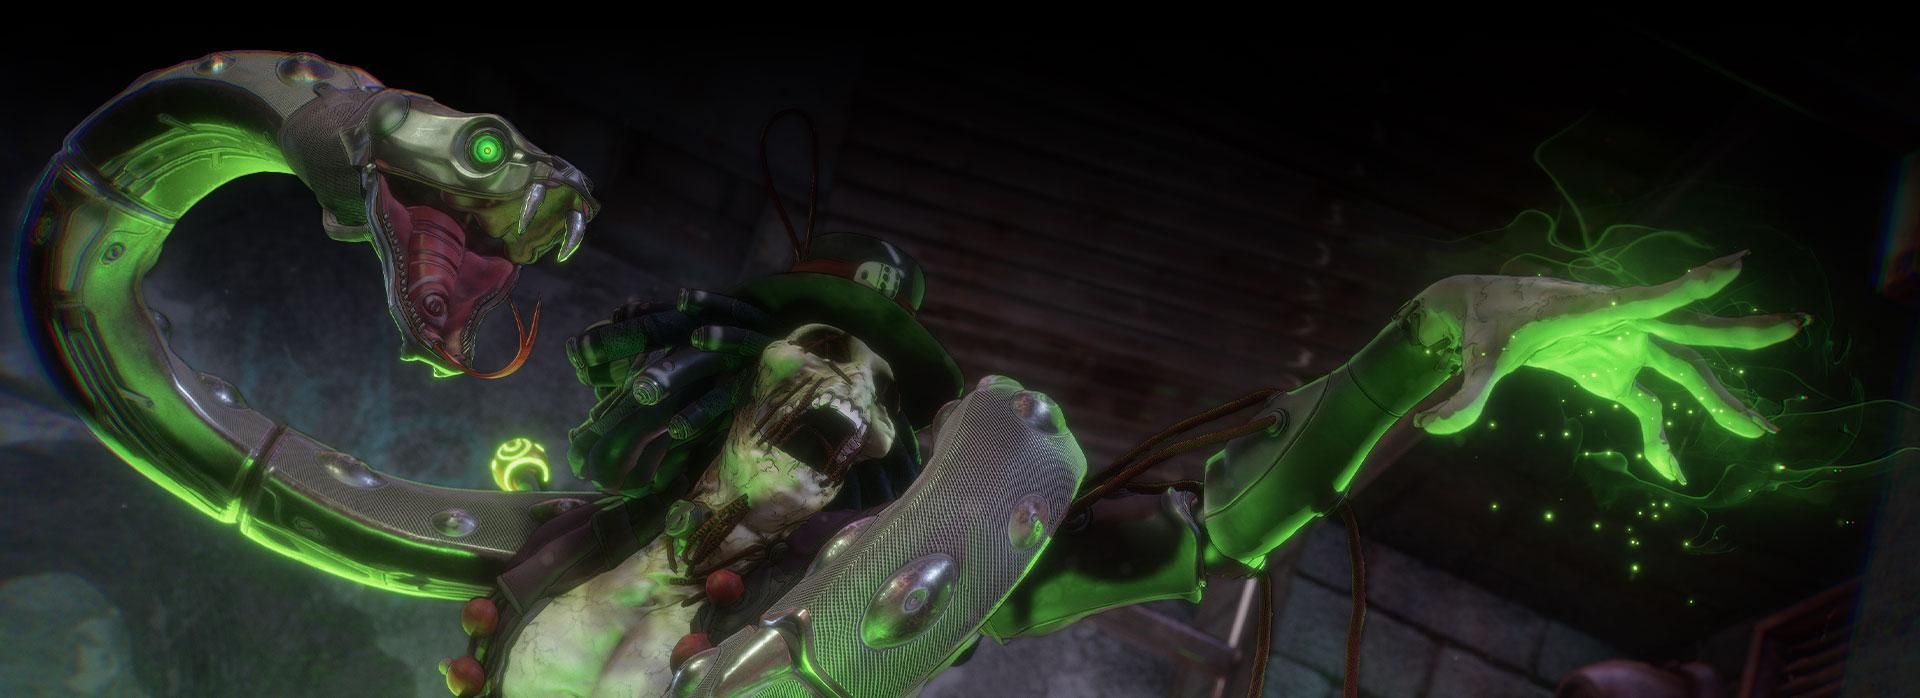 Kulev, Bleeding Edge'te omzunda bir yılanla yeşil bir ışık çıkarıyor.